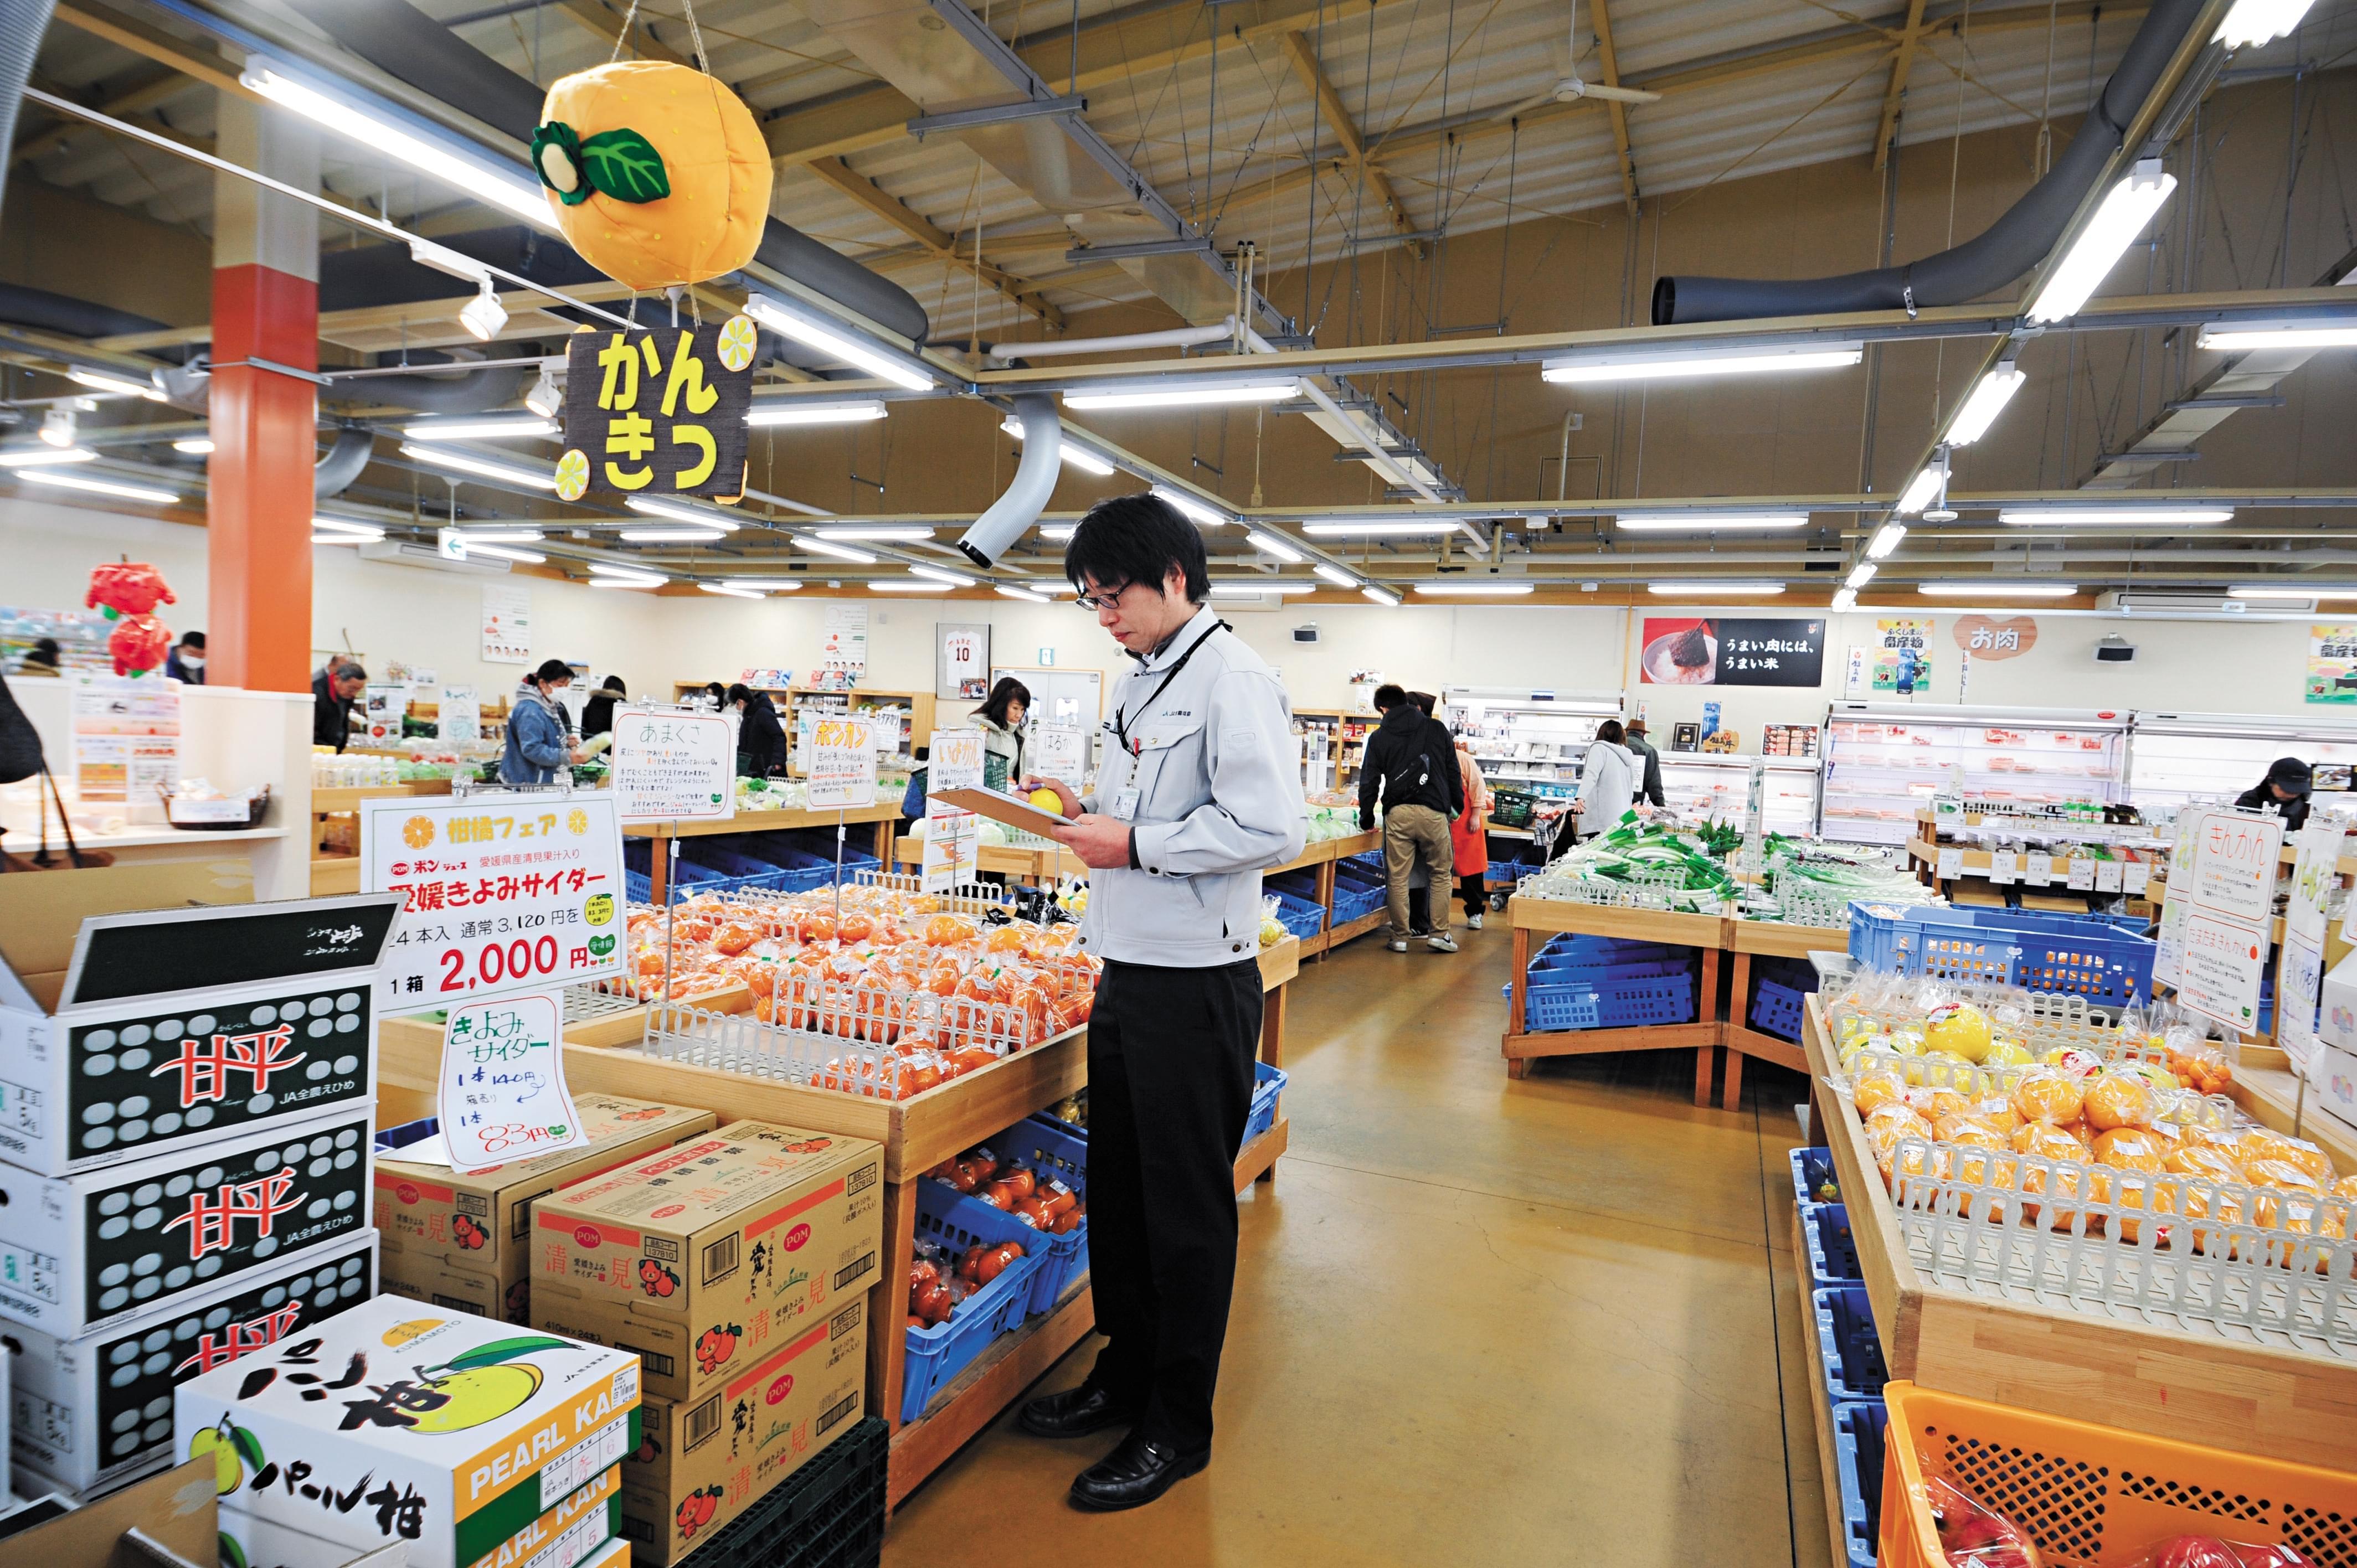 2016年3月,日本福岛一家直销超市,在此可购买一切检测合格的食品。/视觉中国